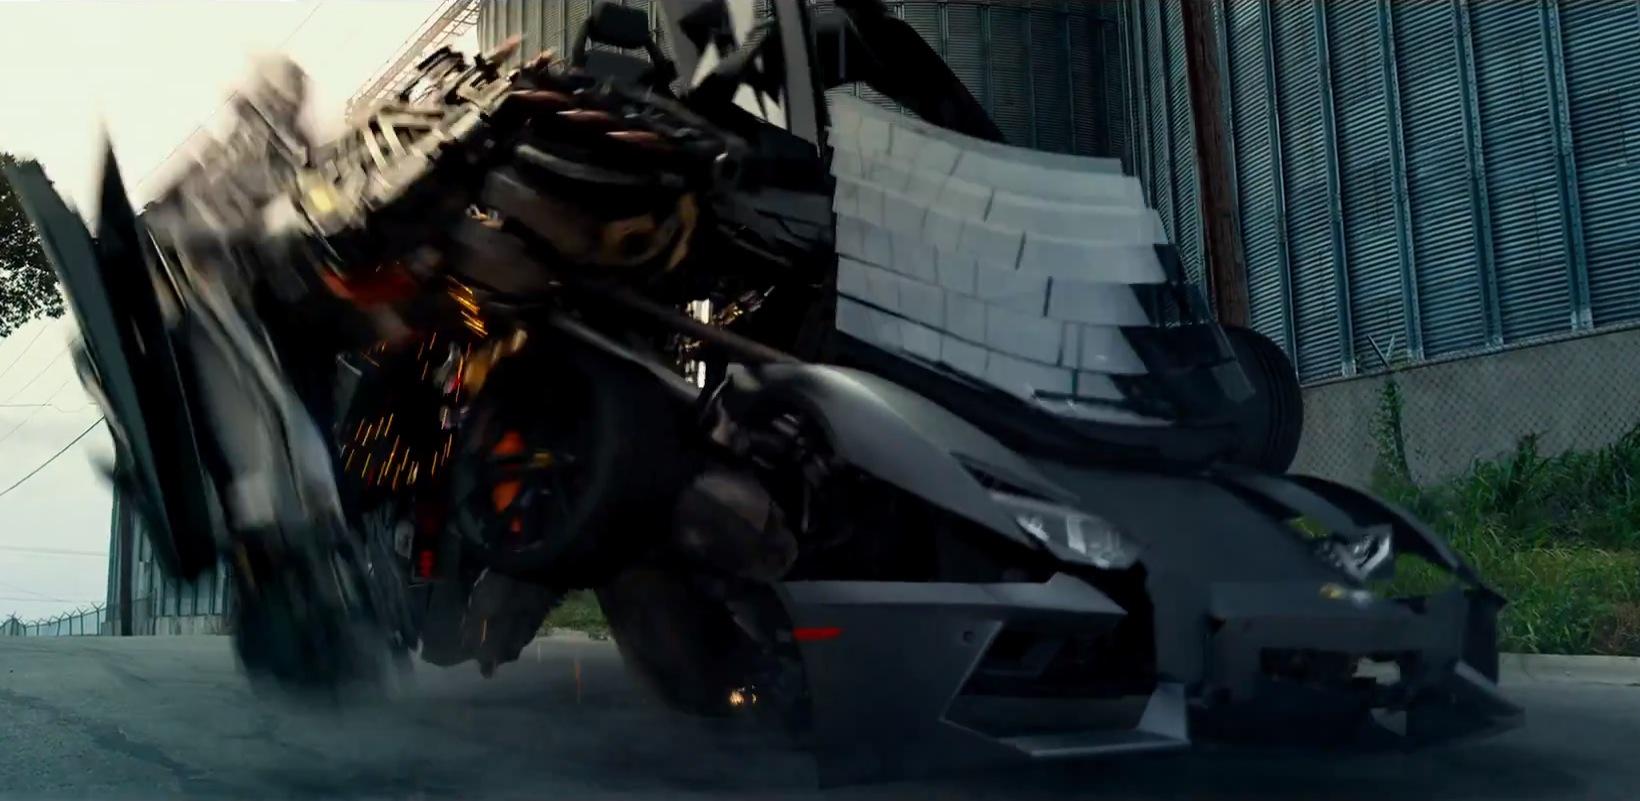 lamborghini aventador is a decepticon in new transformers